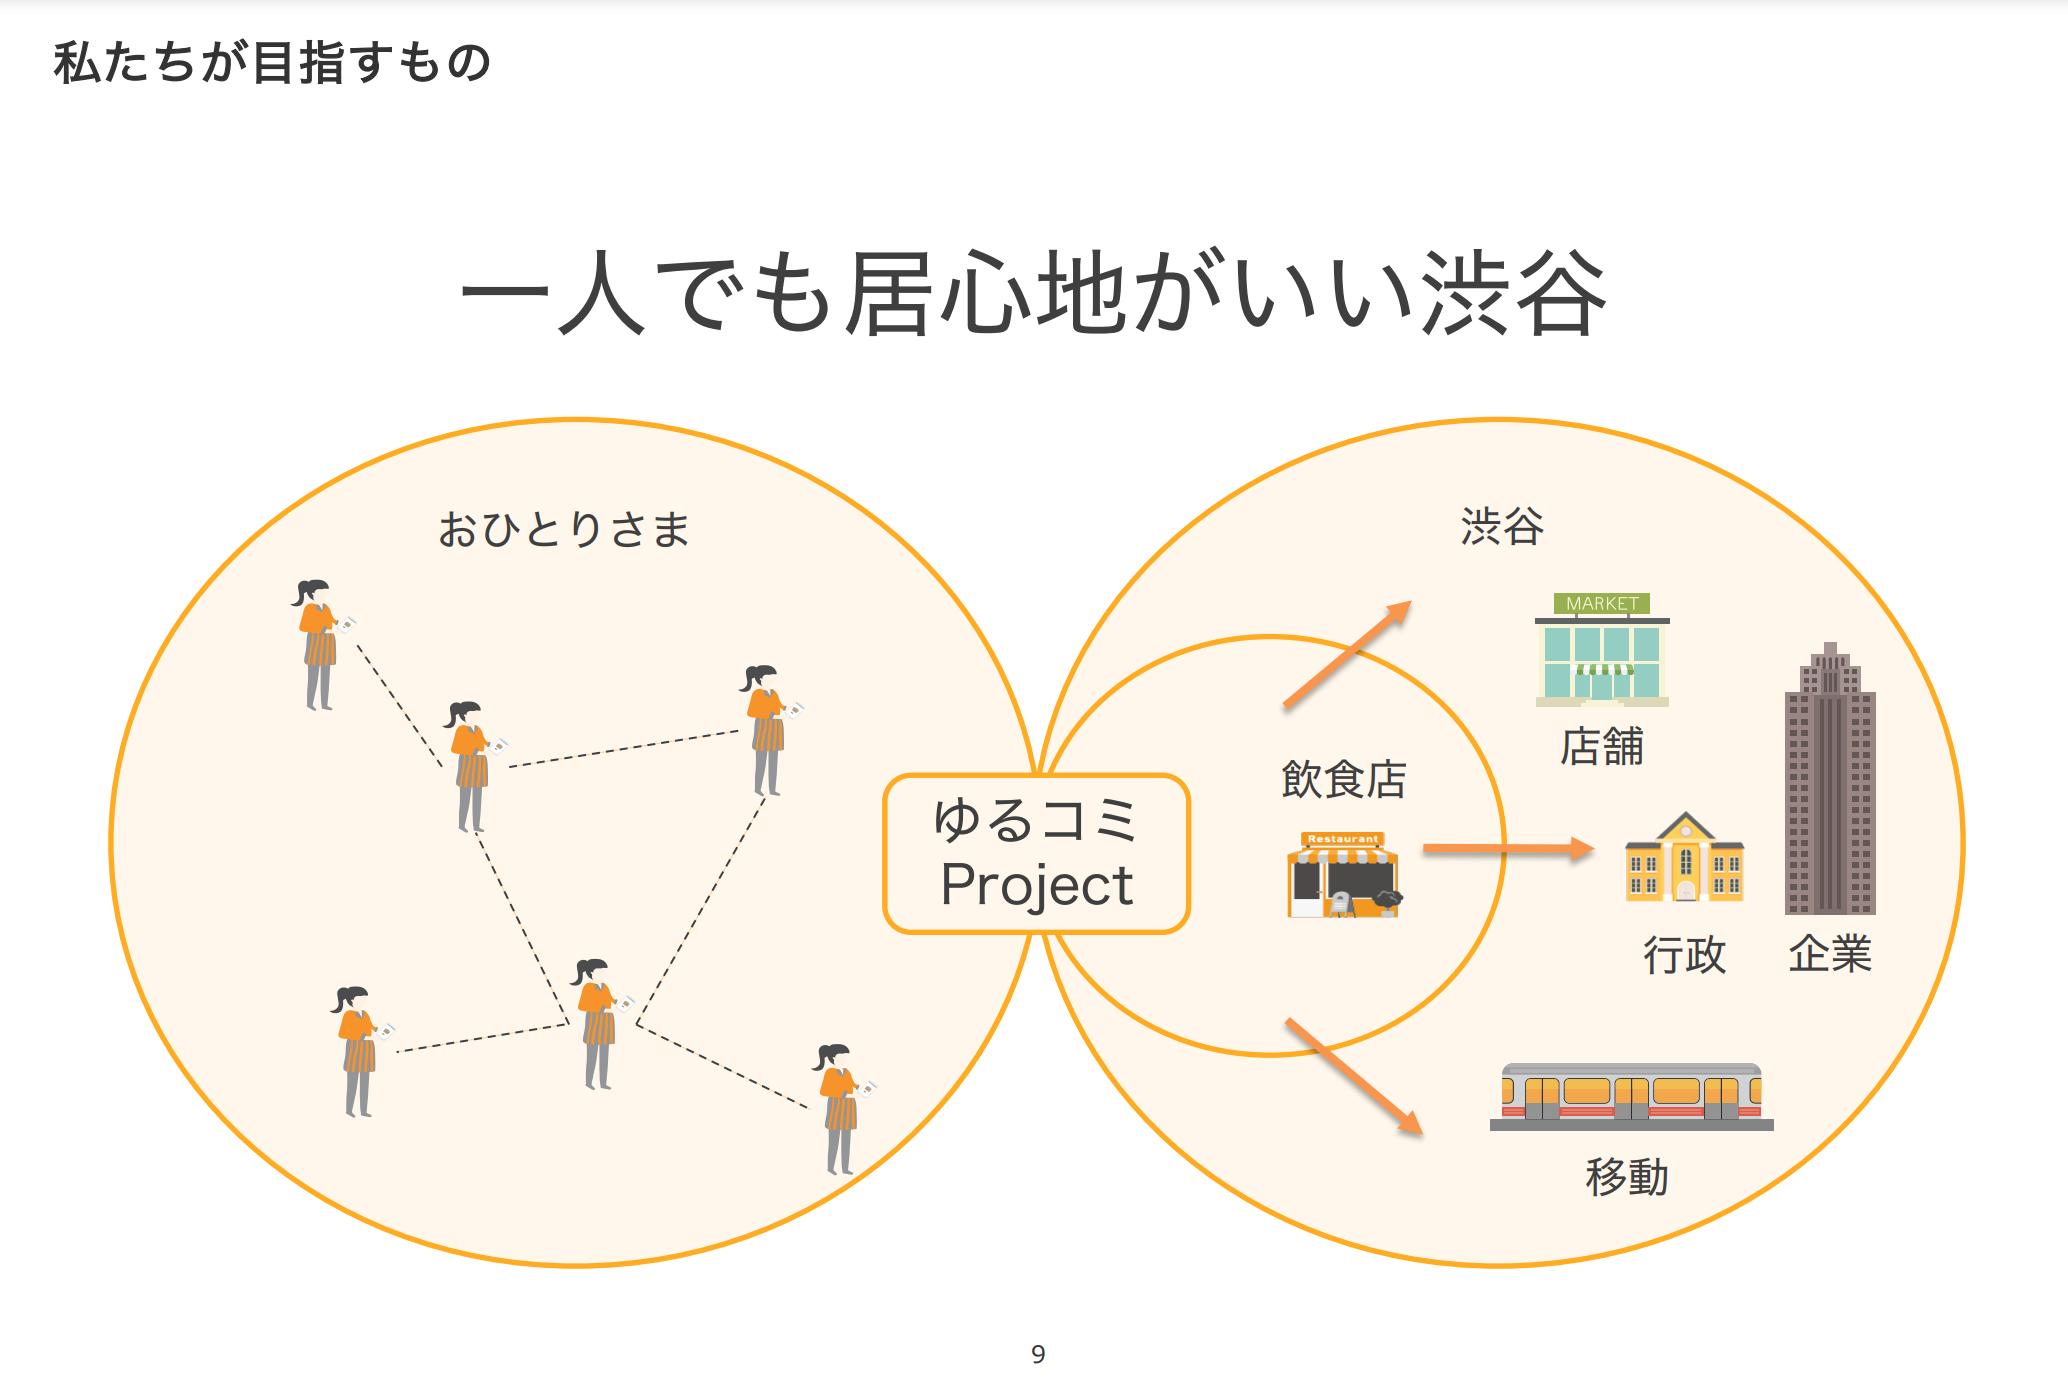 【渋谷をつなげる30人 5期 オープンセッション】〜 ゆるコミチーム編〜